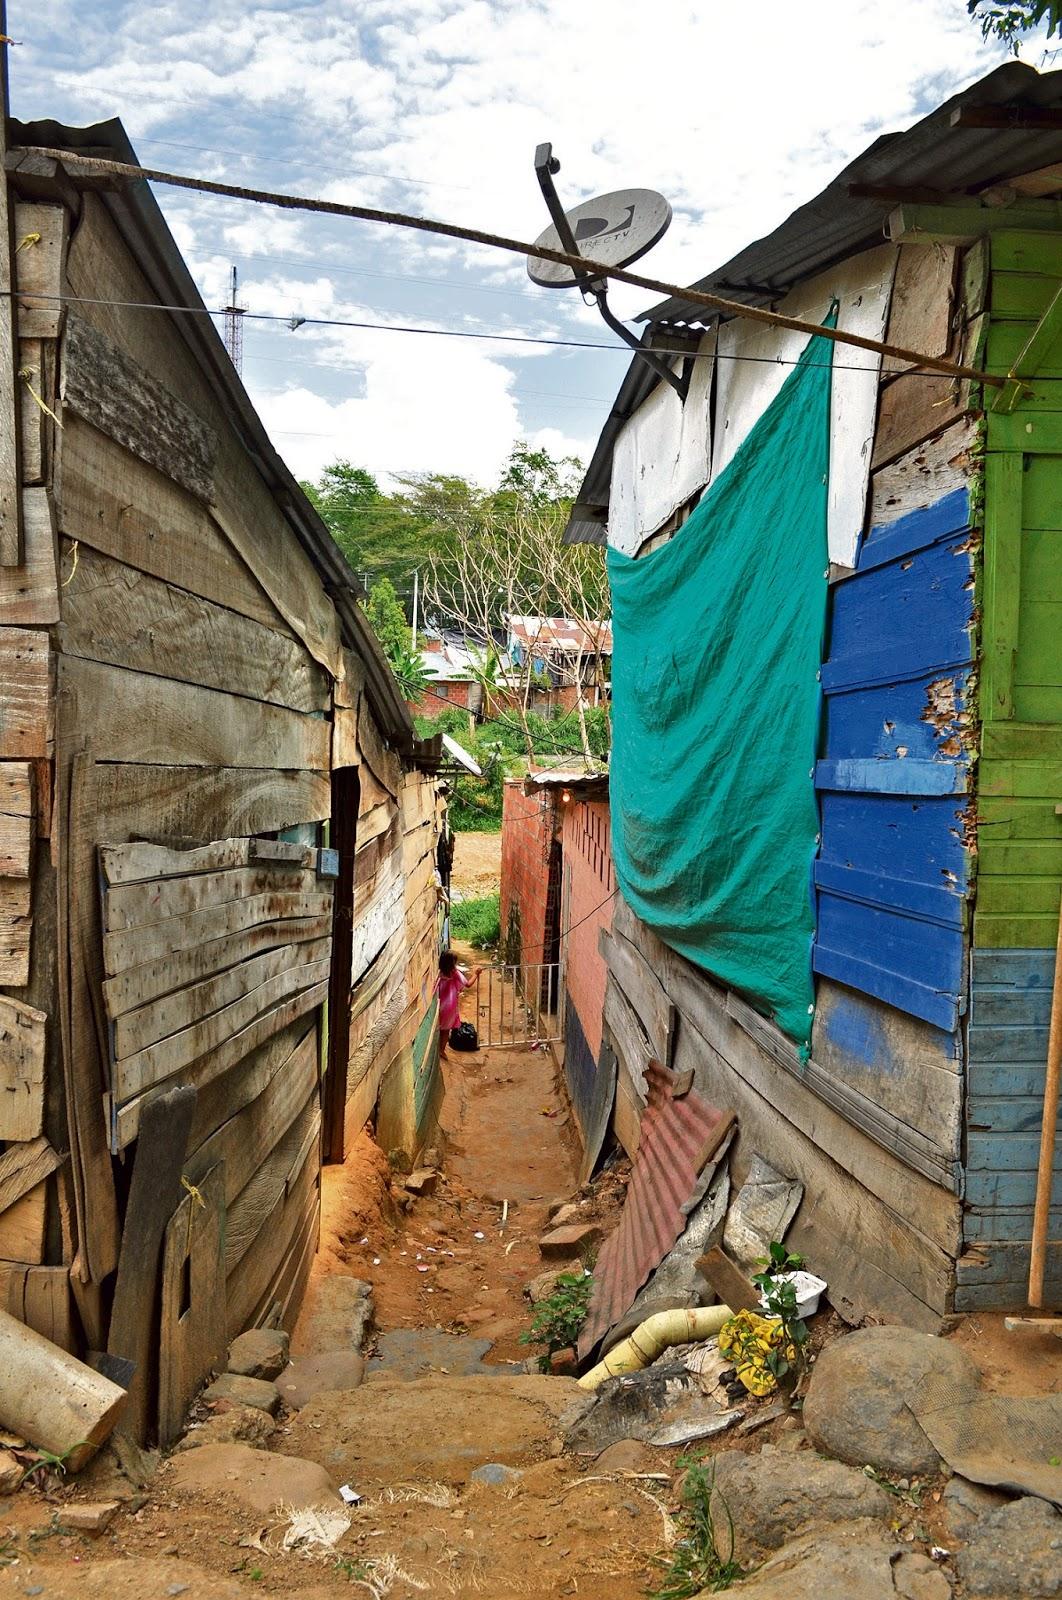 Asentamientos humanos: negocio, pobreza y caos social | Periódico 15 ...